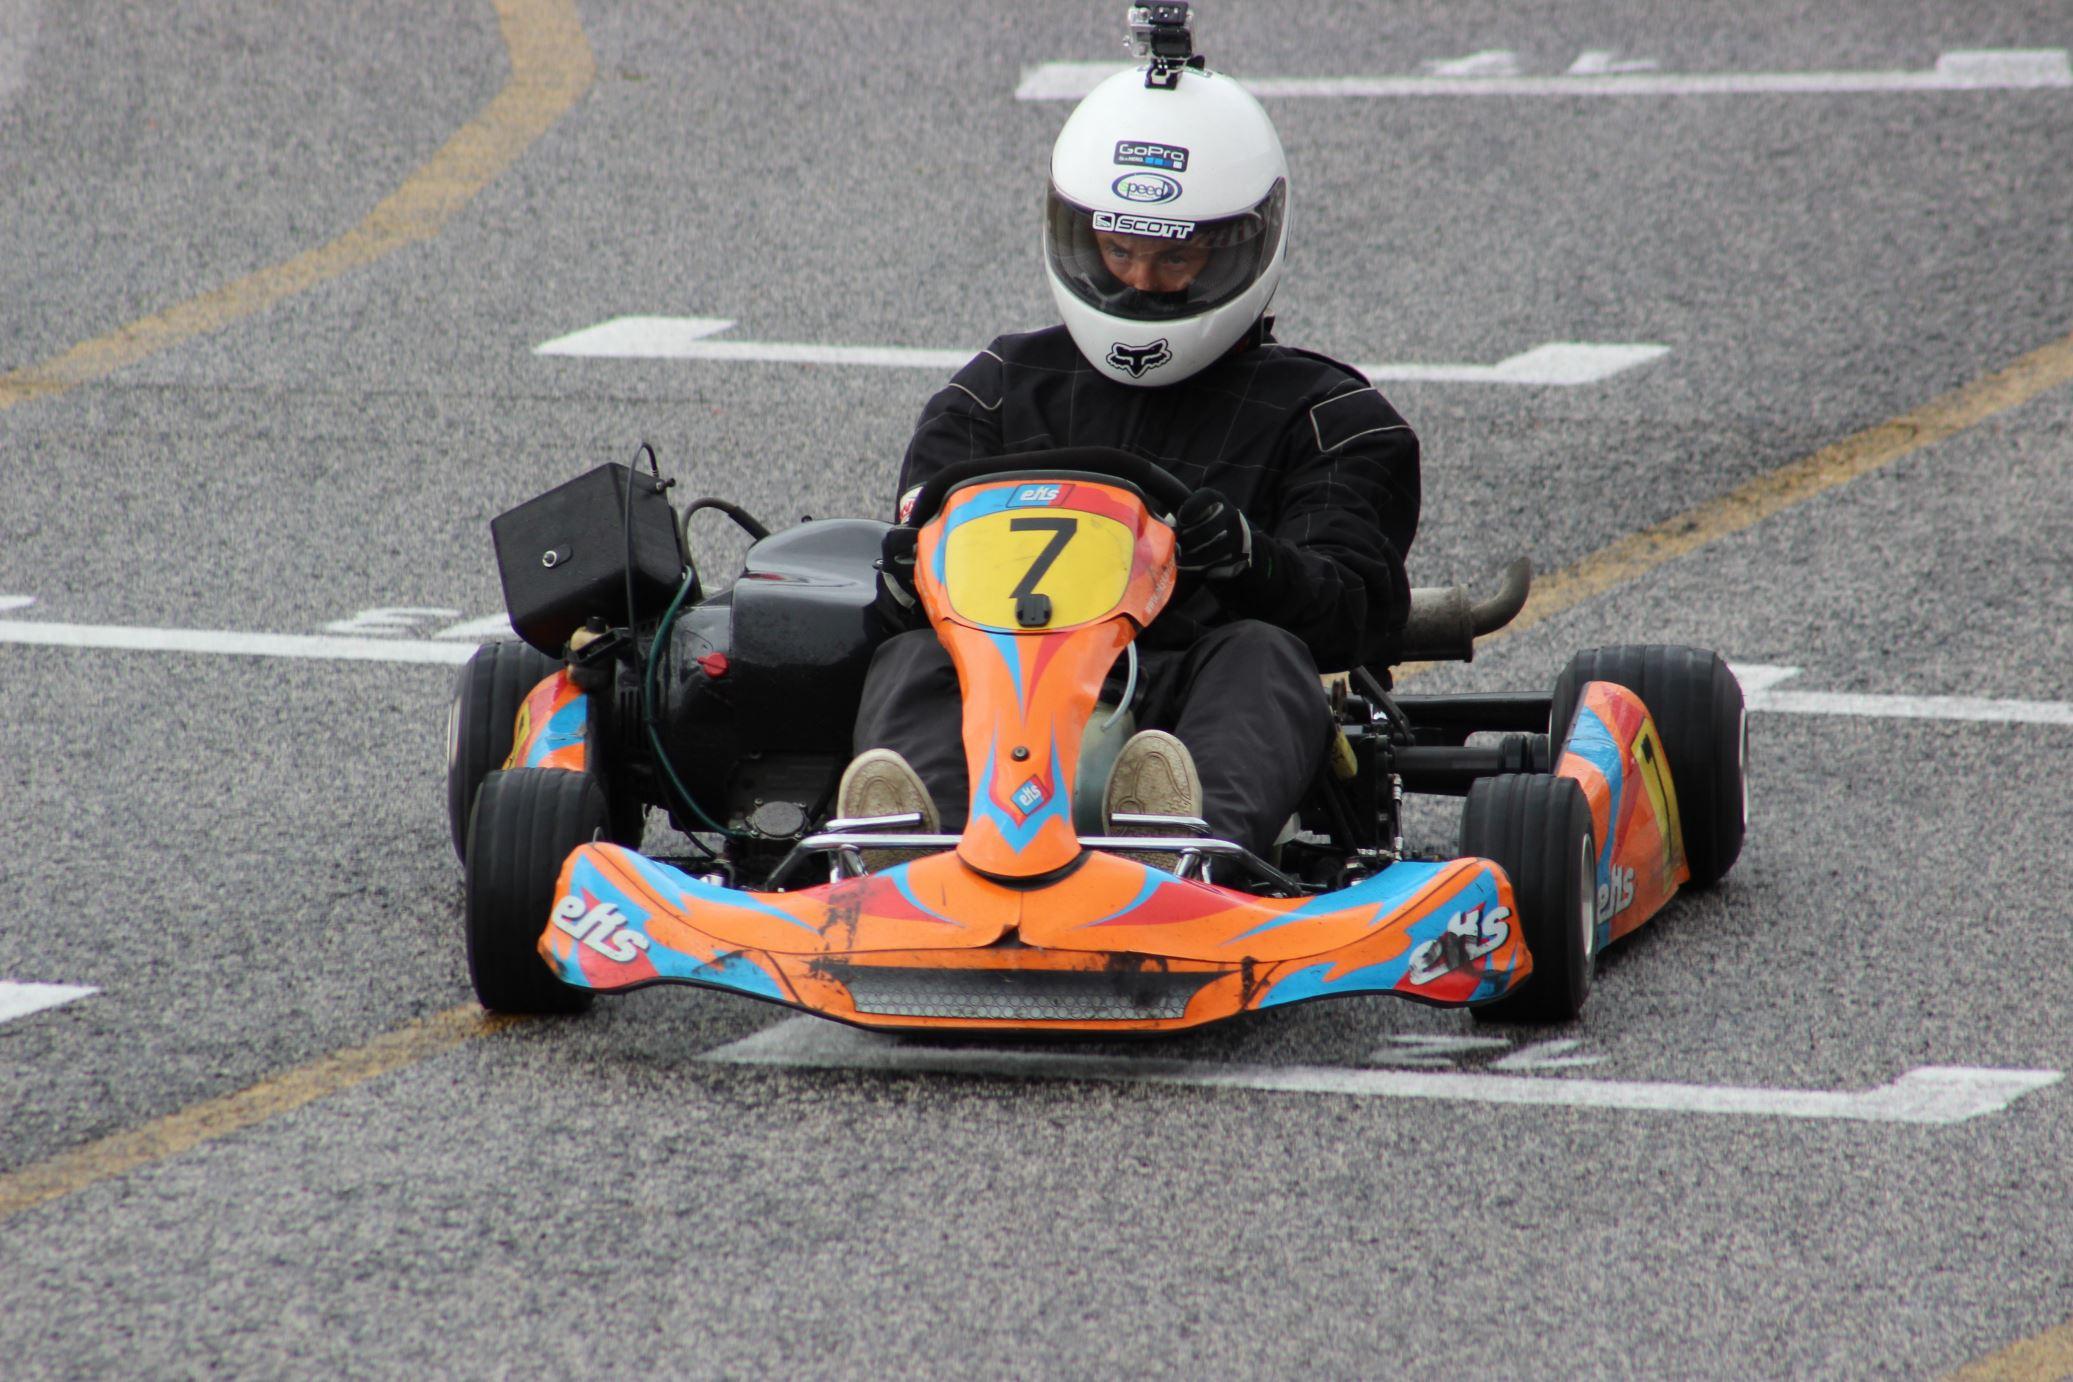 Troféu Honda 2014 - 2ª Prova131